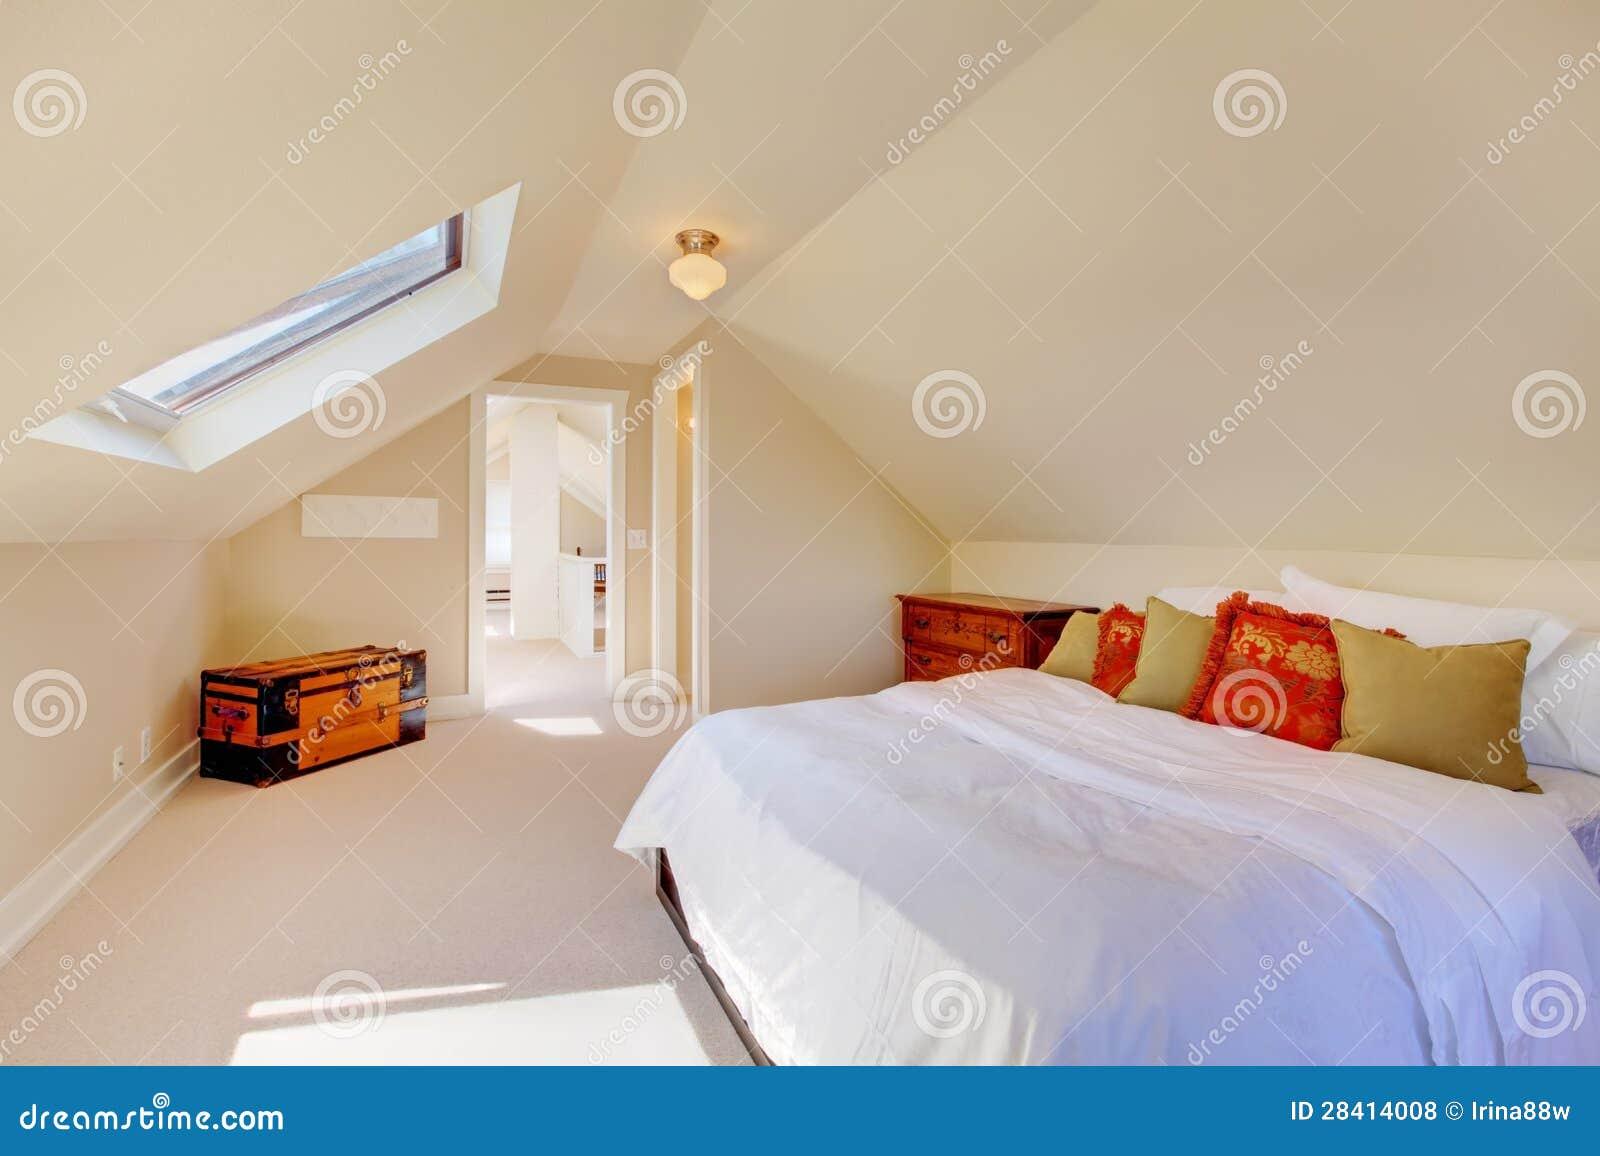 Kleine slaapkamer stock foto's– 1,566 kleine slaapkamer stock ...